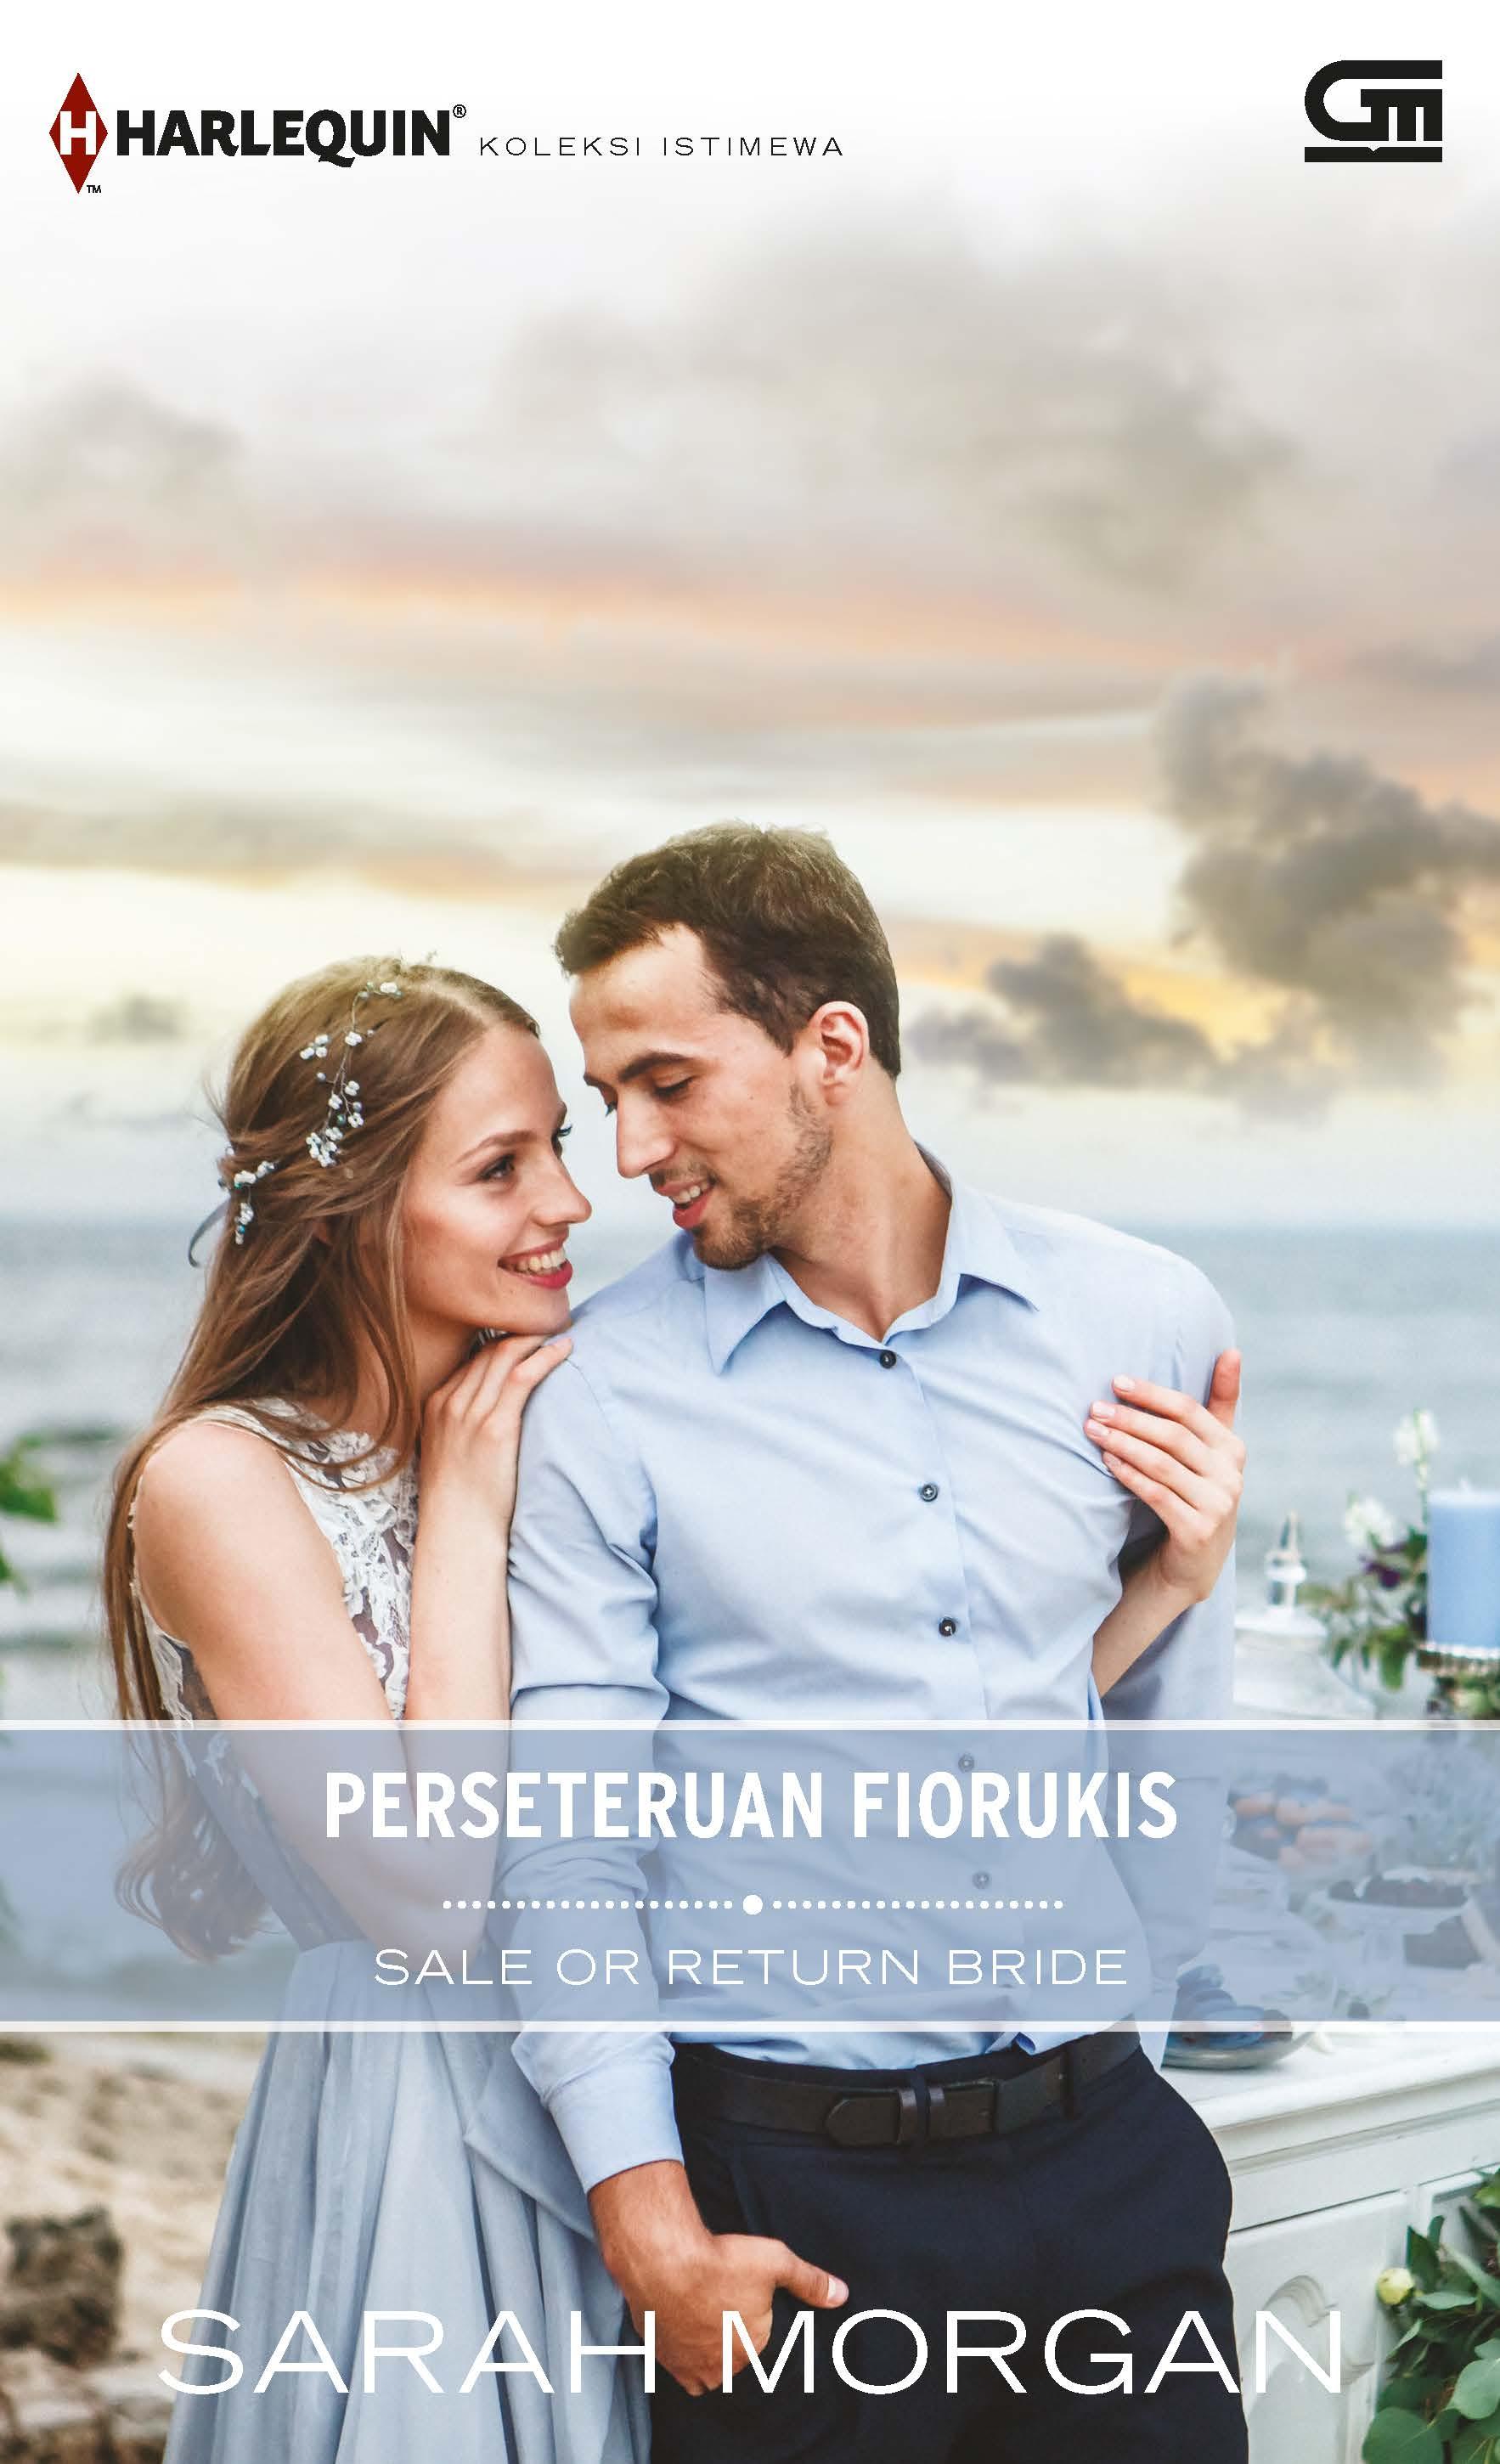 Harlequin Koleksi Istimewa: Perseteruan Fiorukis (Sale or Return Bride)